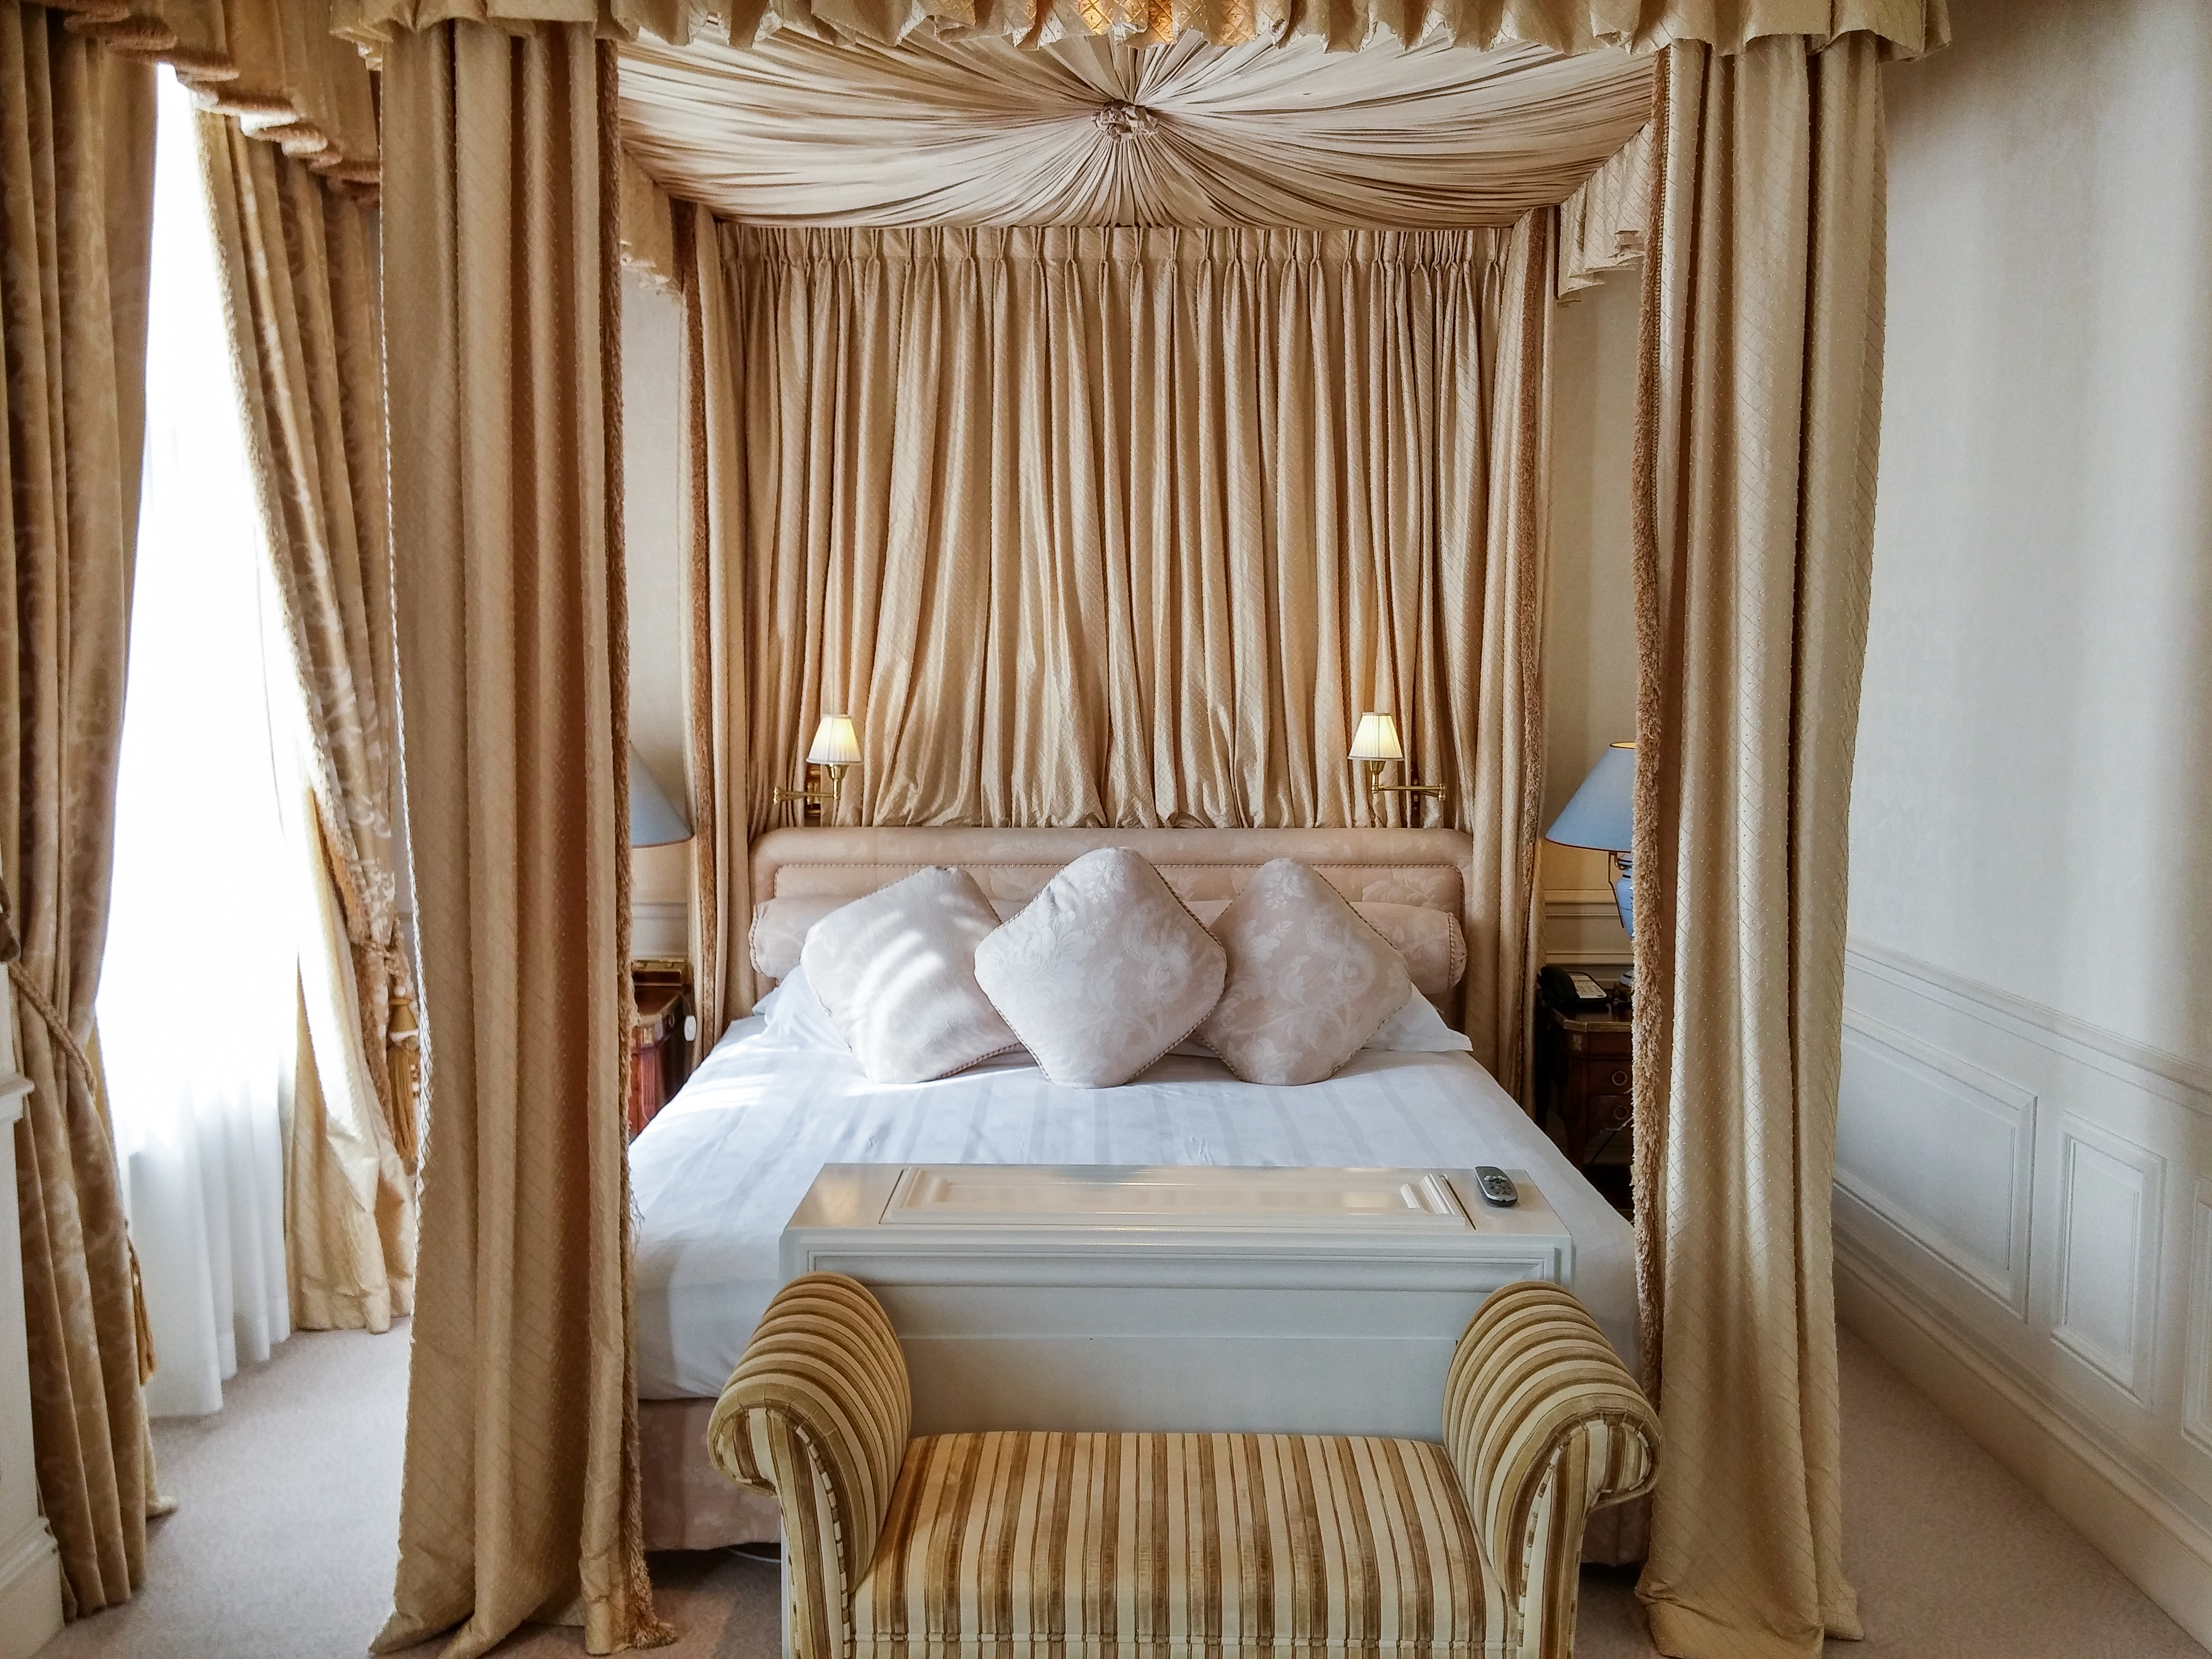 Top 10 duurste hotels van amsterdam top 10 lijstjes - Een mooie kamer van een mooie meid ...